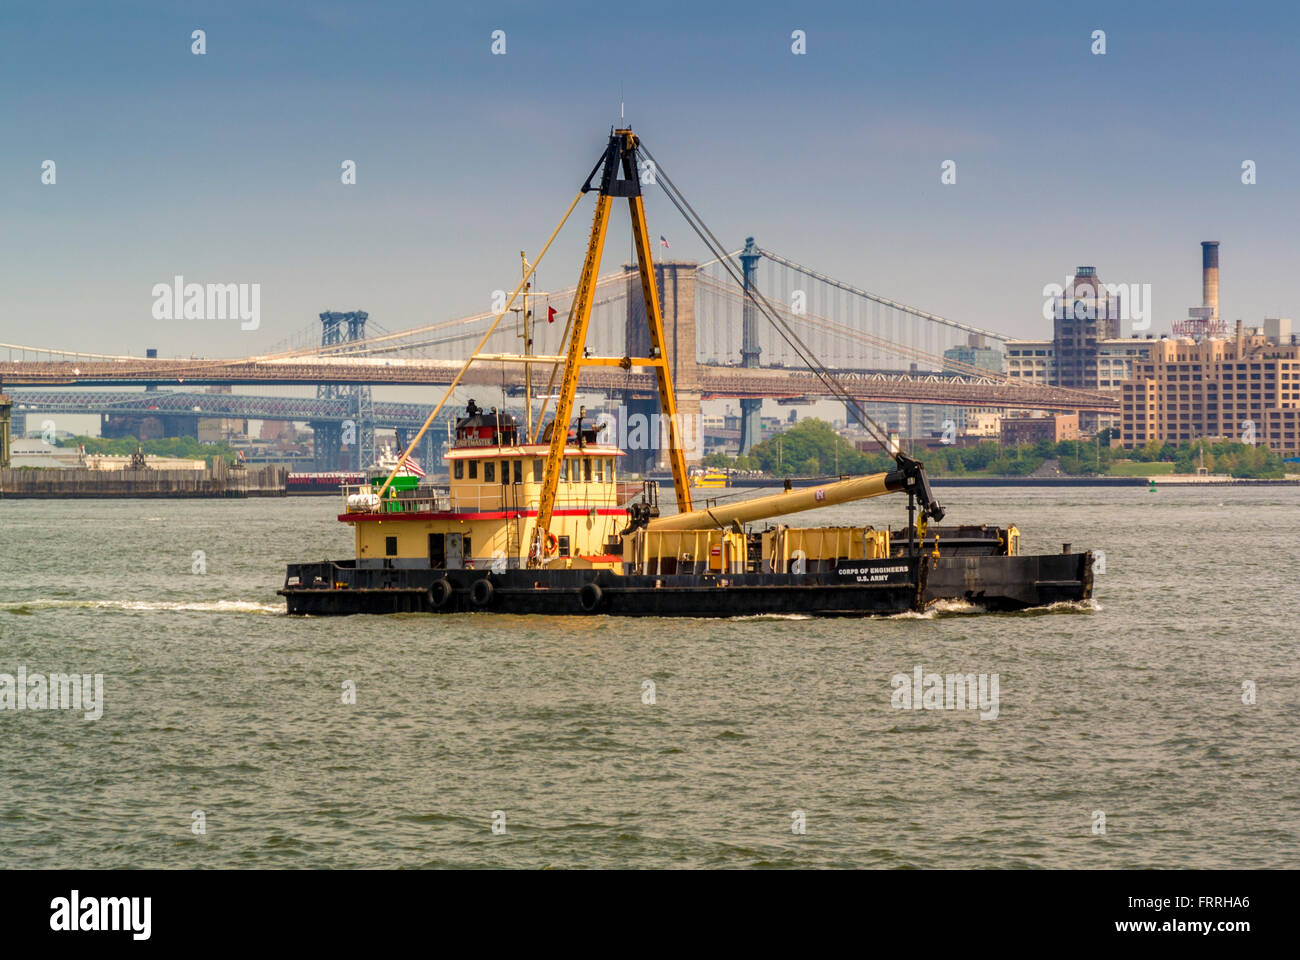 El Cuerpo de Ingenieros del Ejército de los EE.UU. trabajan en bote sobre el Río East con antecedentes, Imagen De Stock